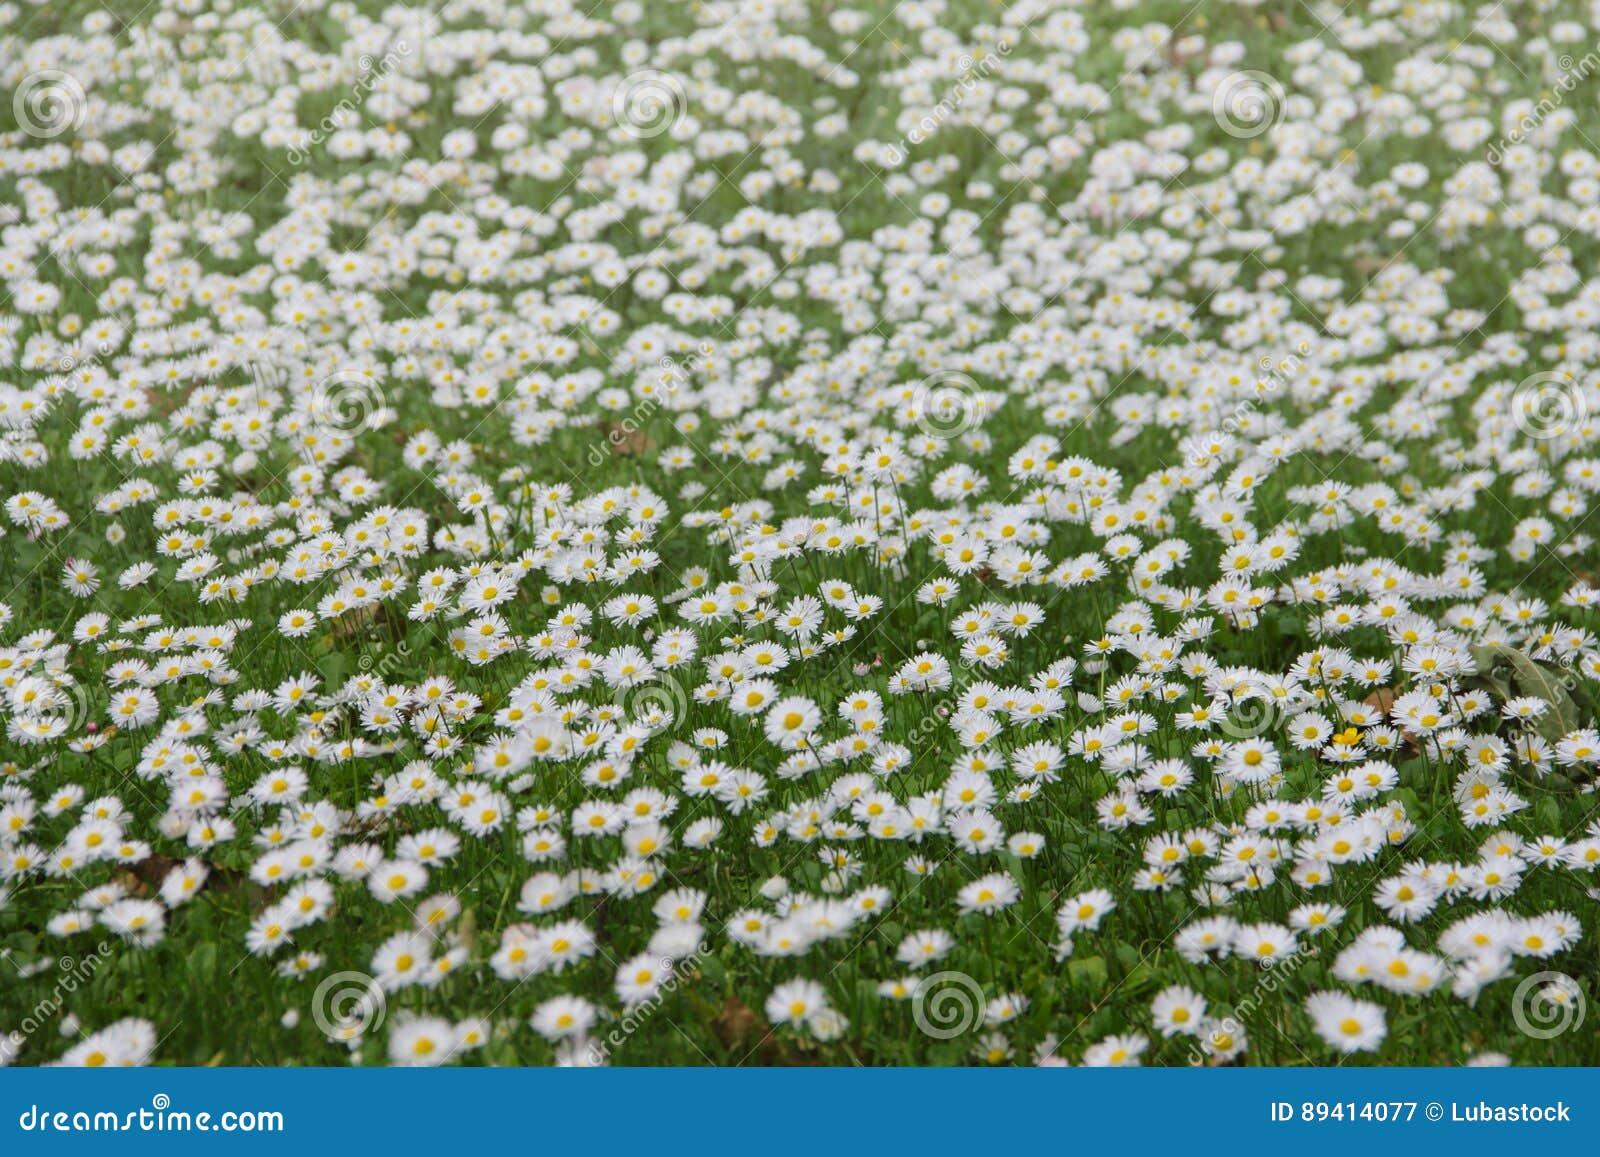 Margaridas brancas no prado